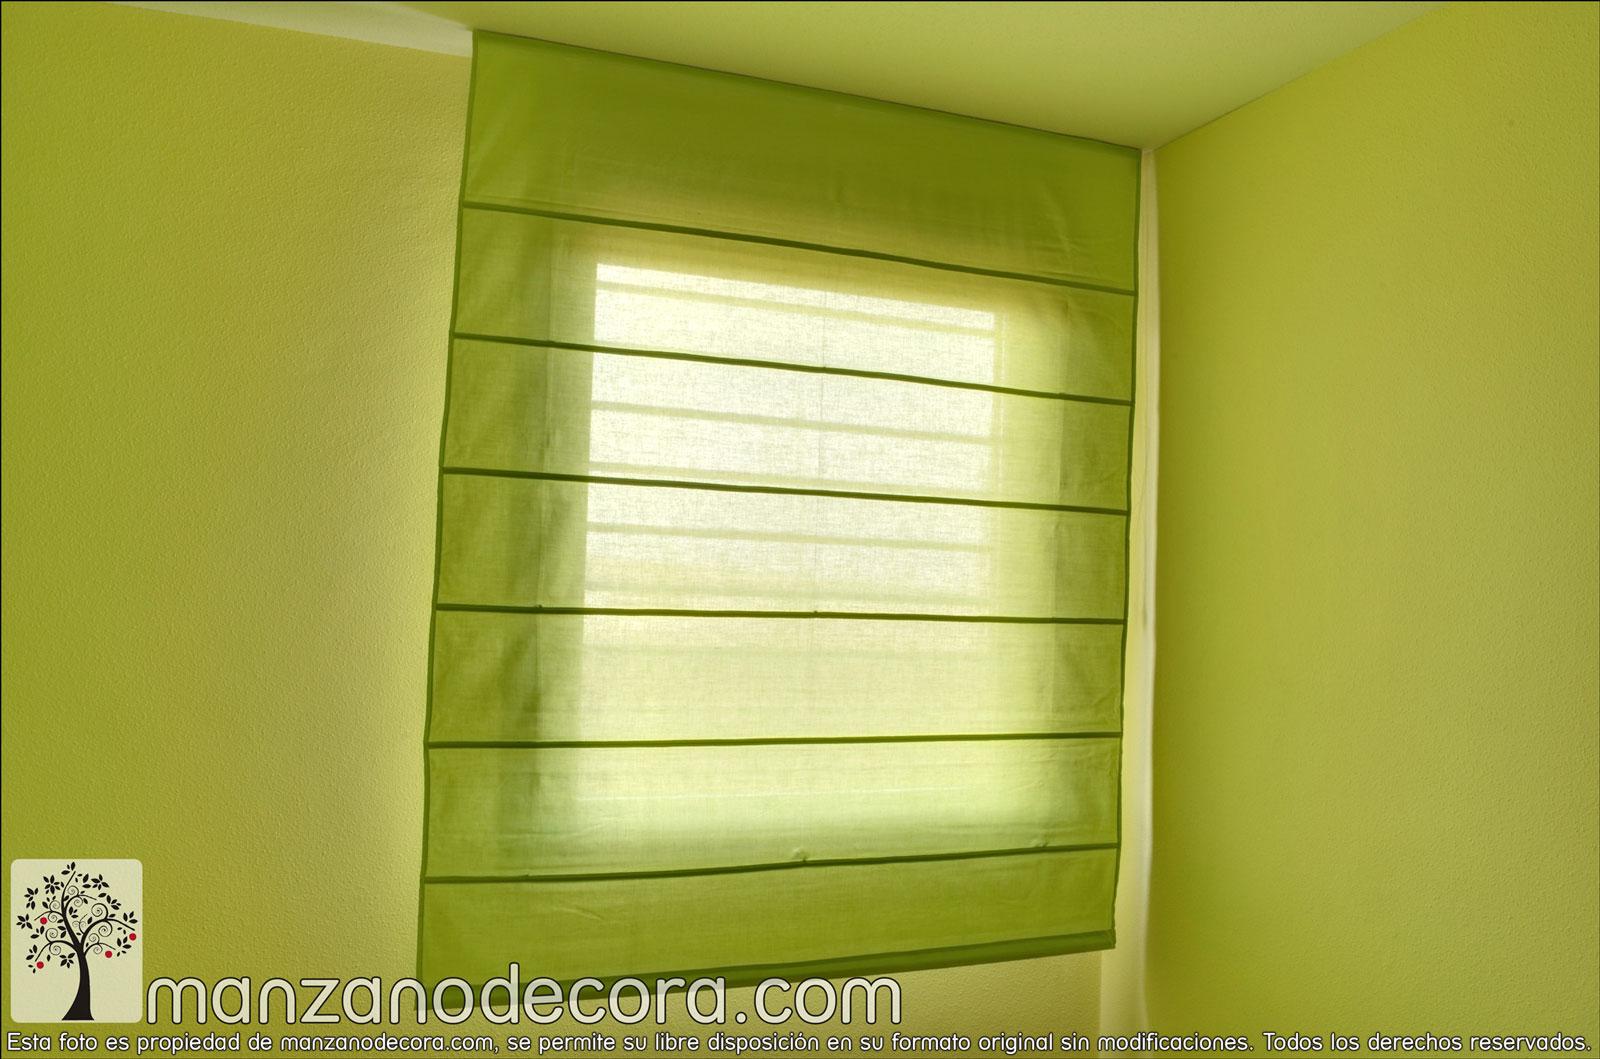 Estores cortinas manzanodecora - Estores de varillas ...